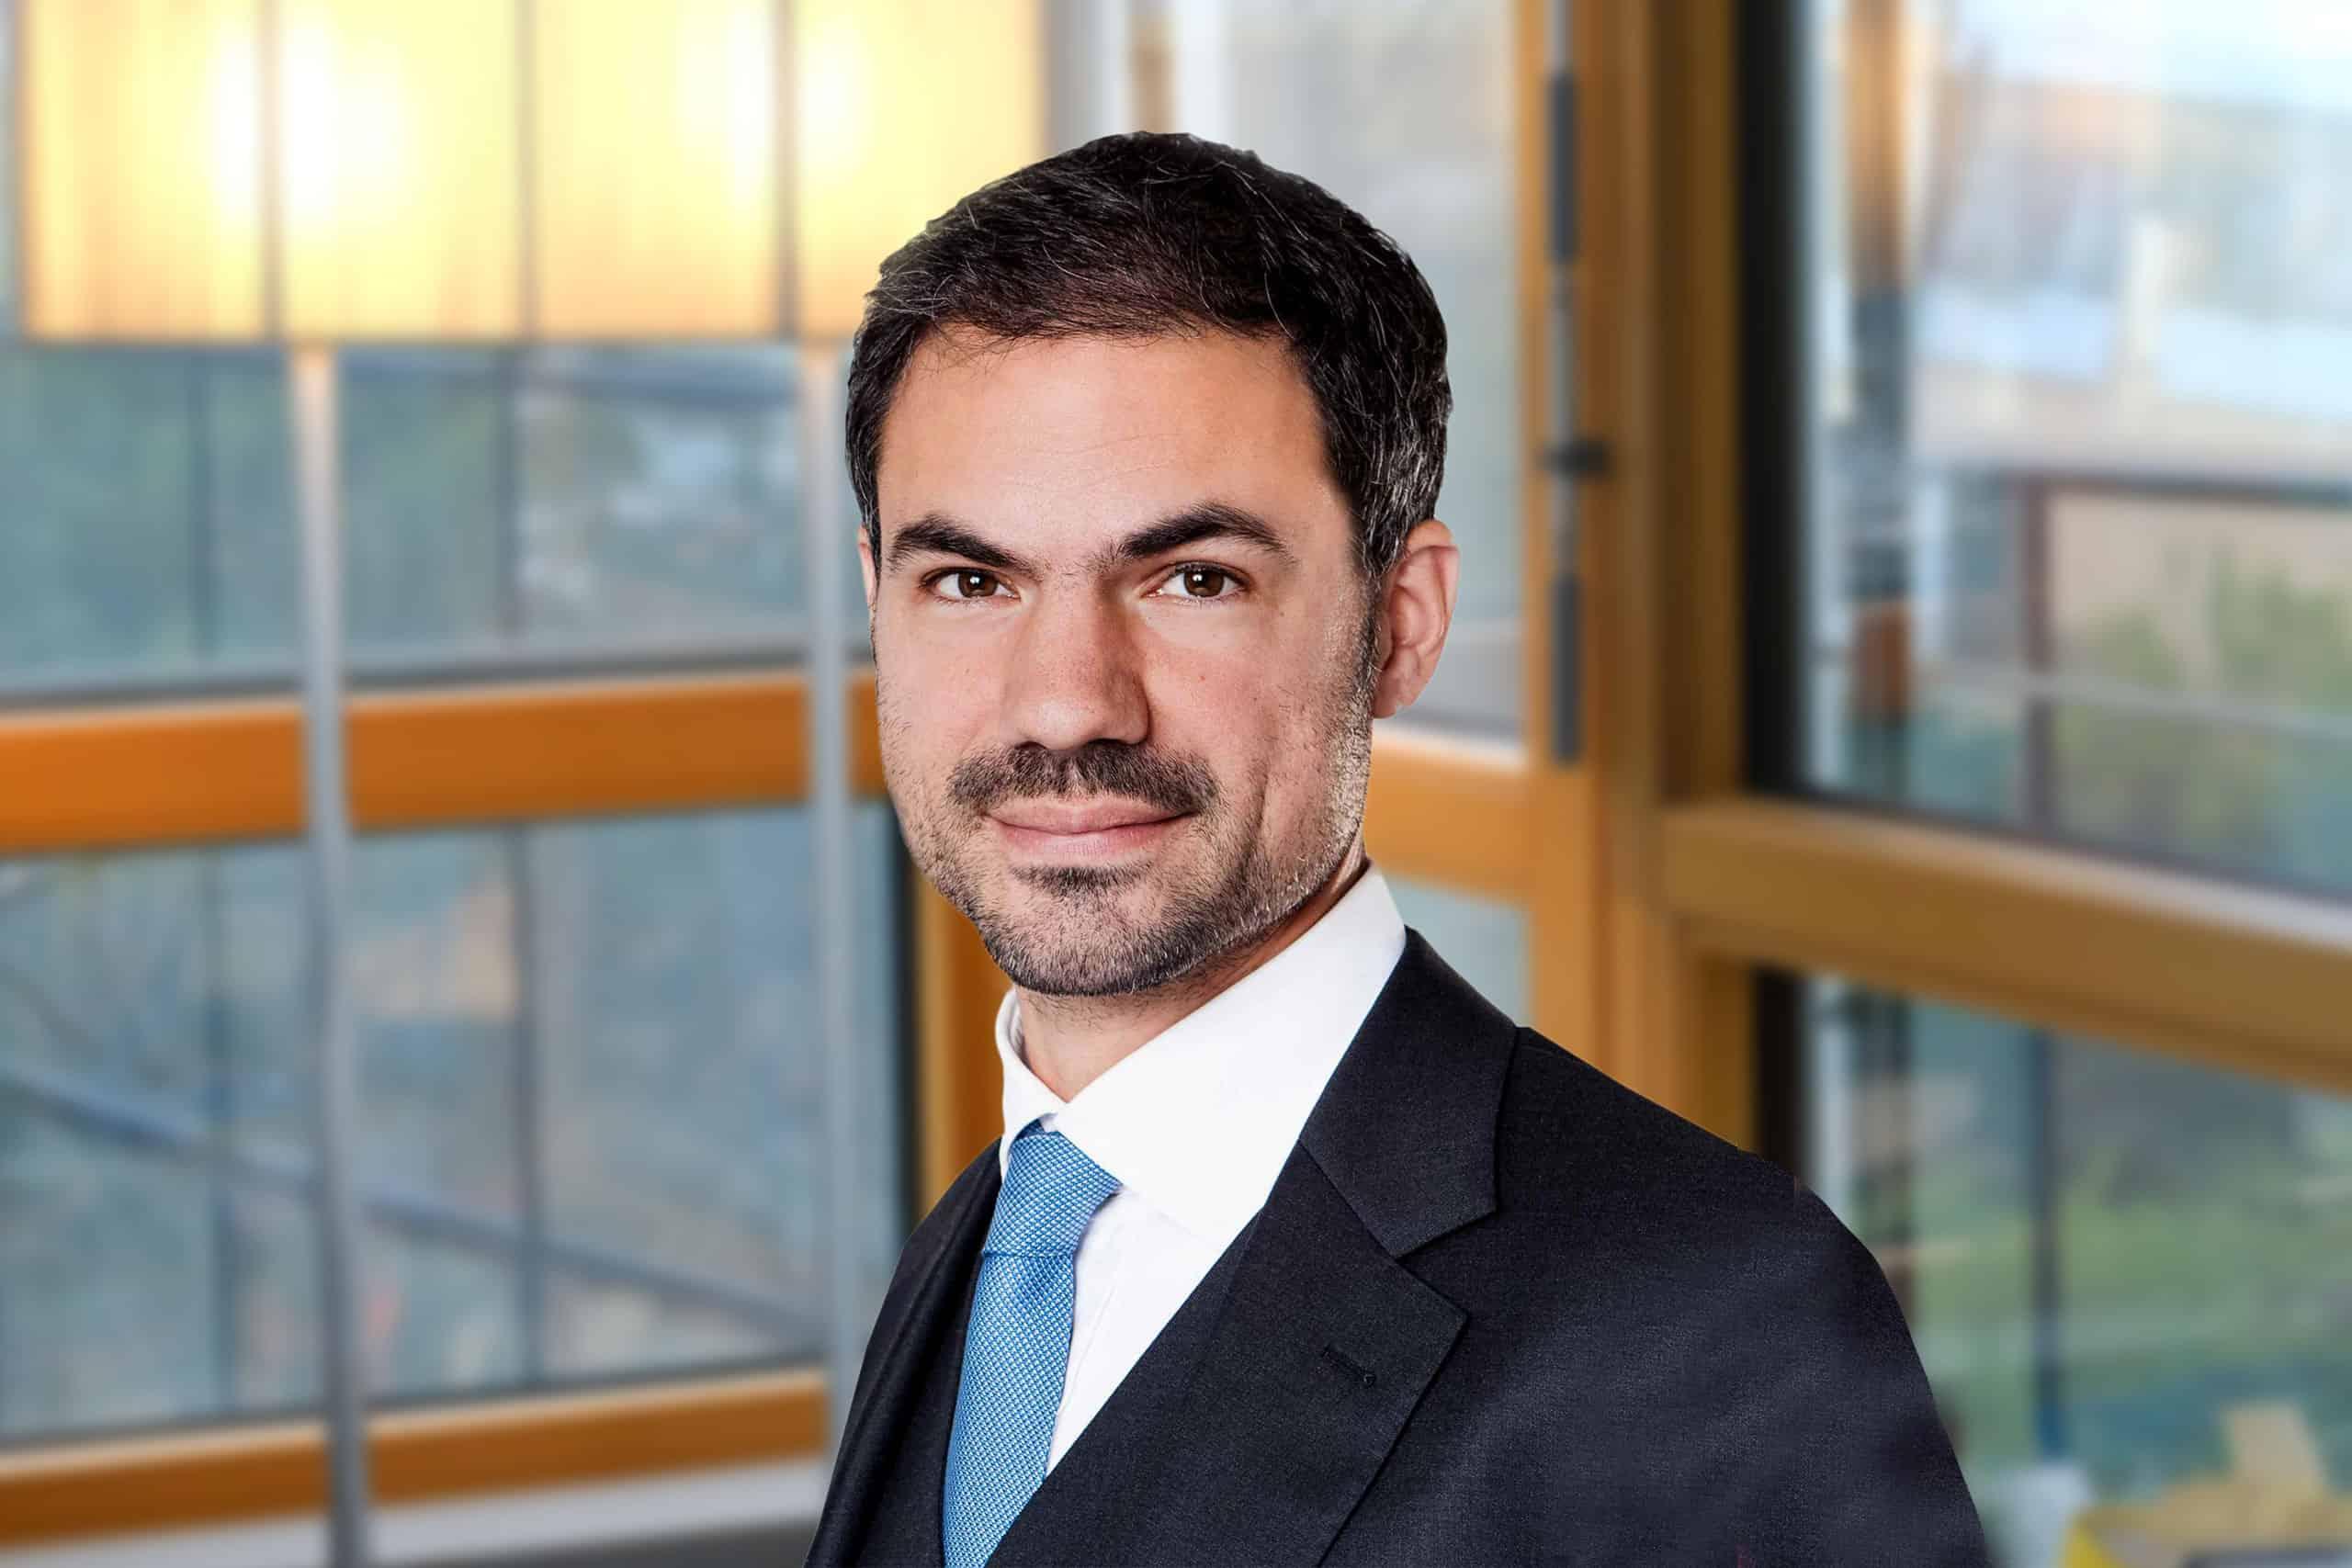 Dr. Alexander Verhoeven